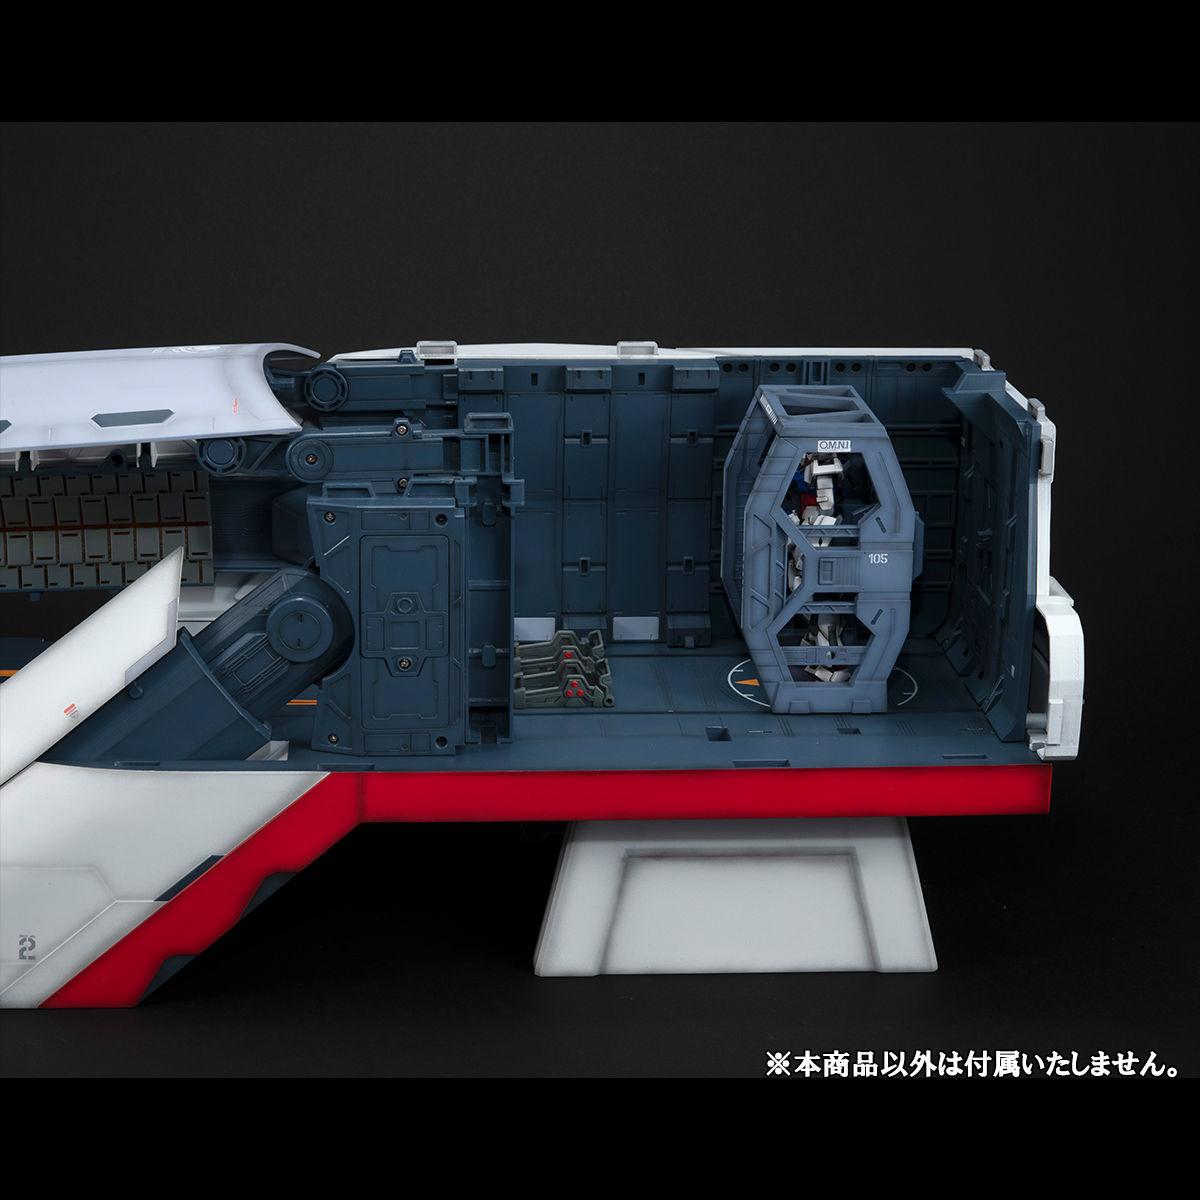 【限定販売】Realistic Model Series『1/144 HGシリーズ用 アークエンジェルカタパルトデッキ』ガンダムSEED 半完成キット-007